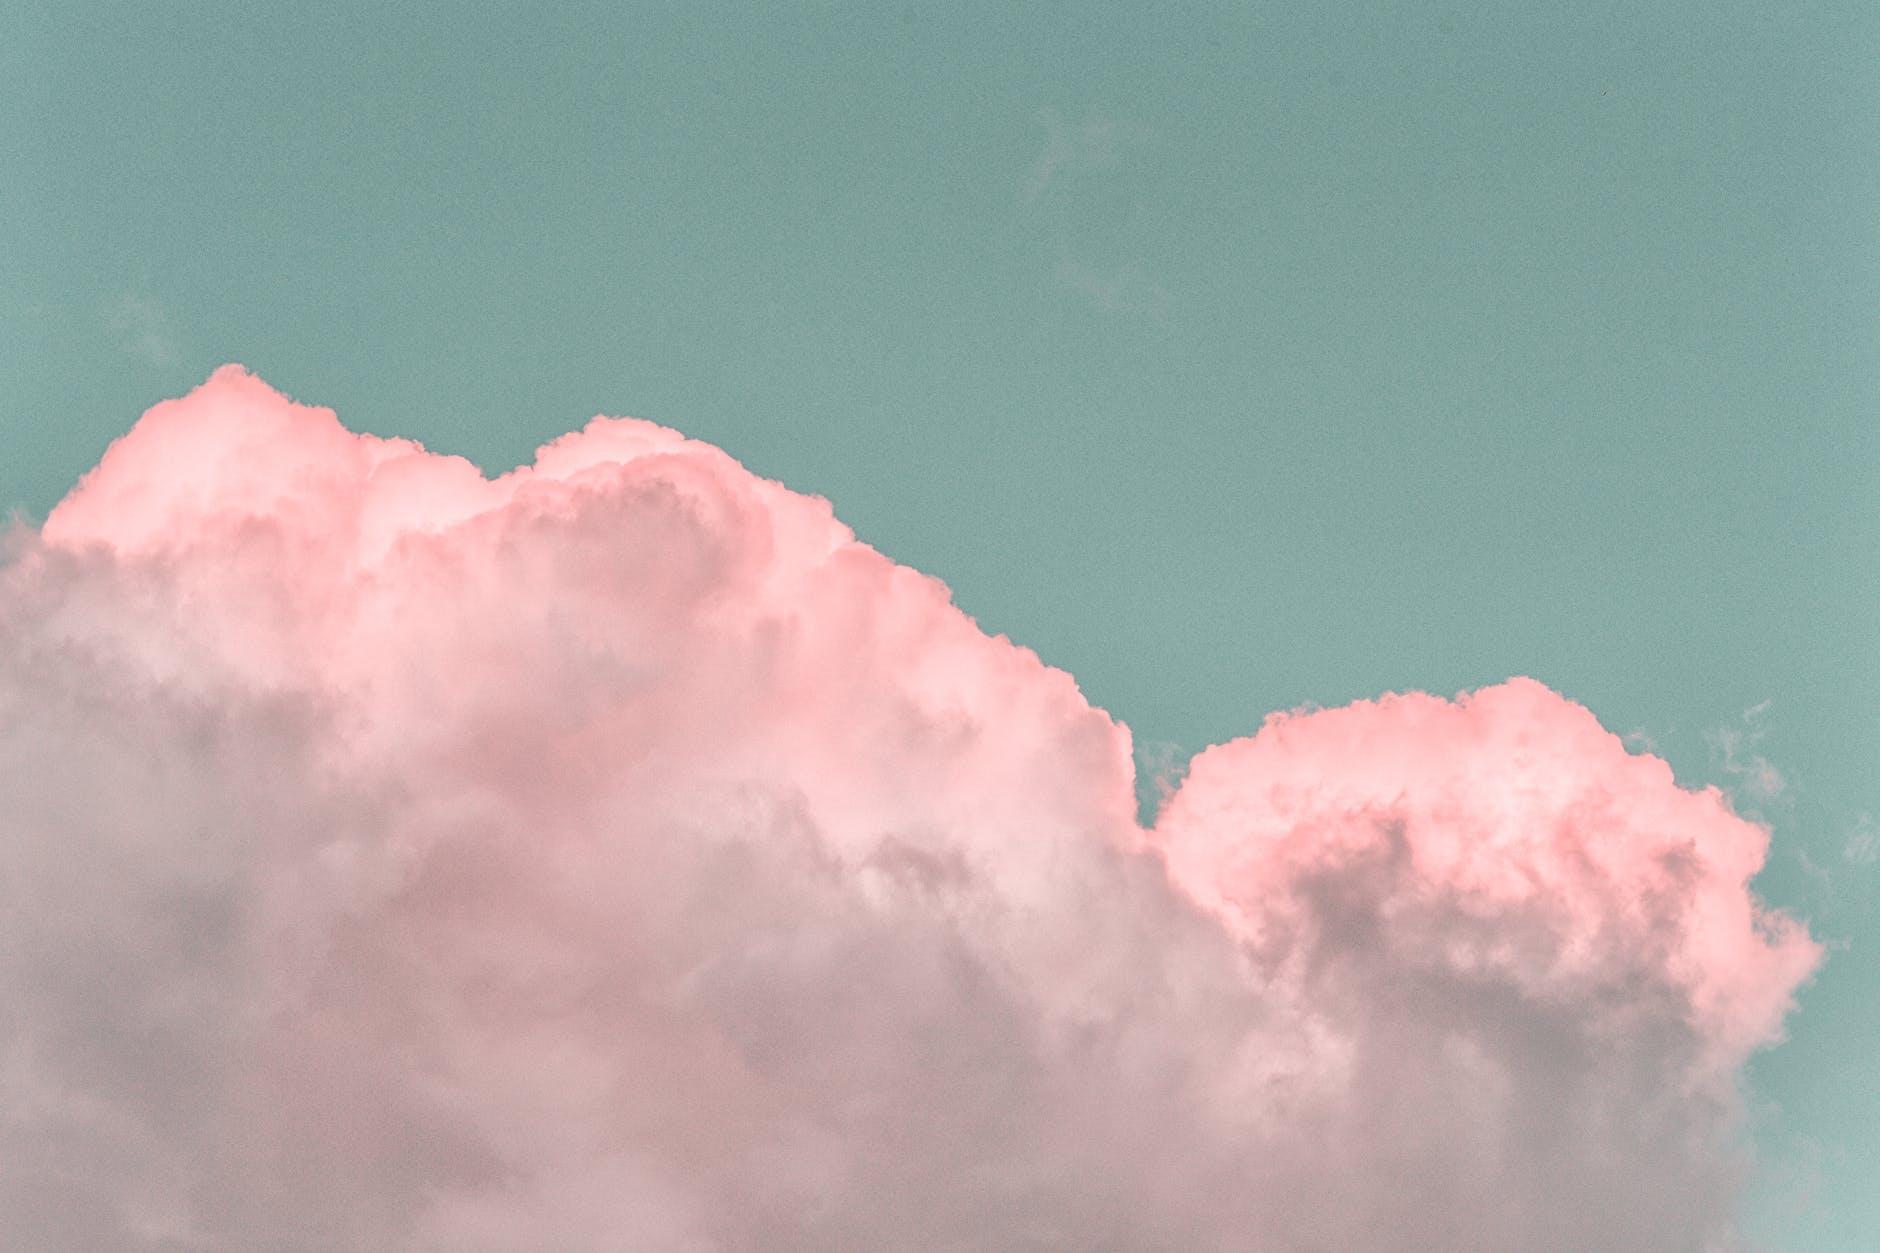 Valkoiset pilvet taivaalla